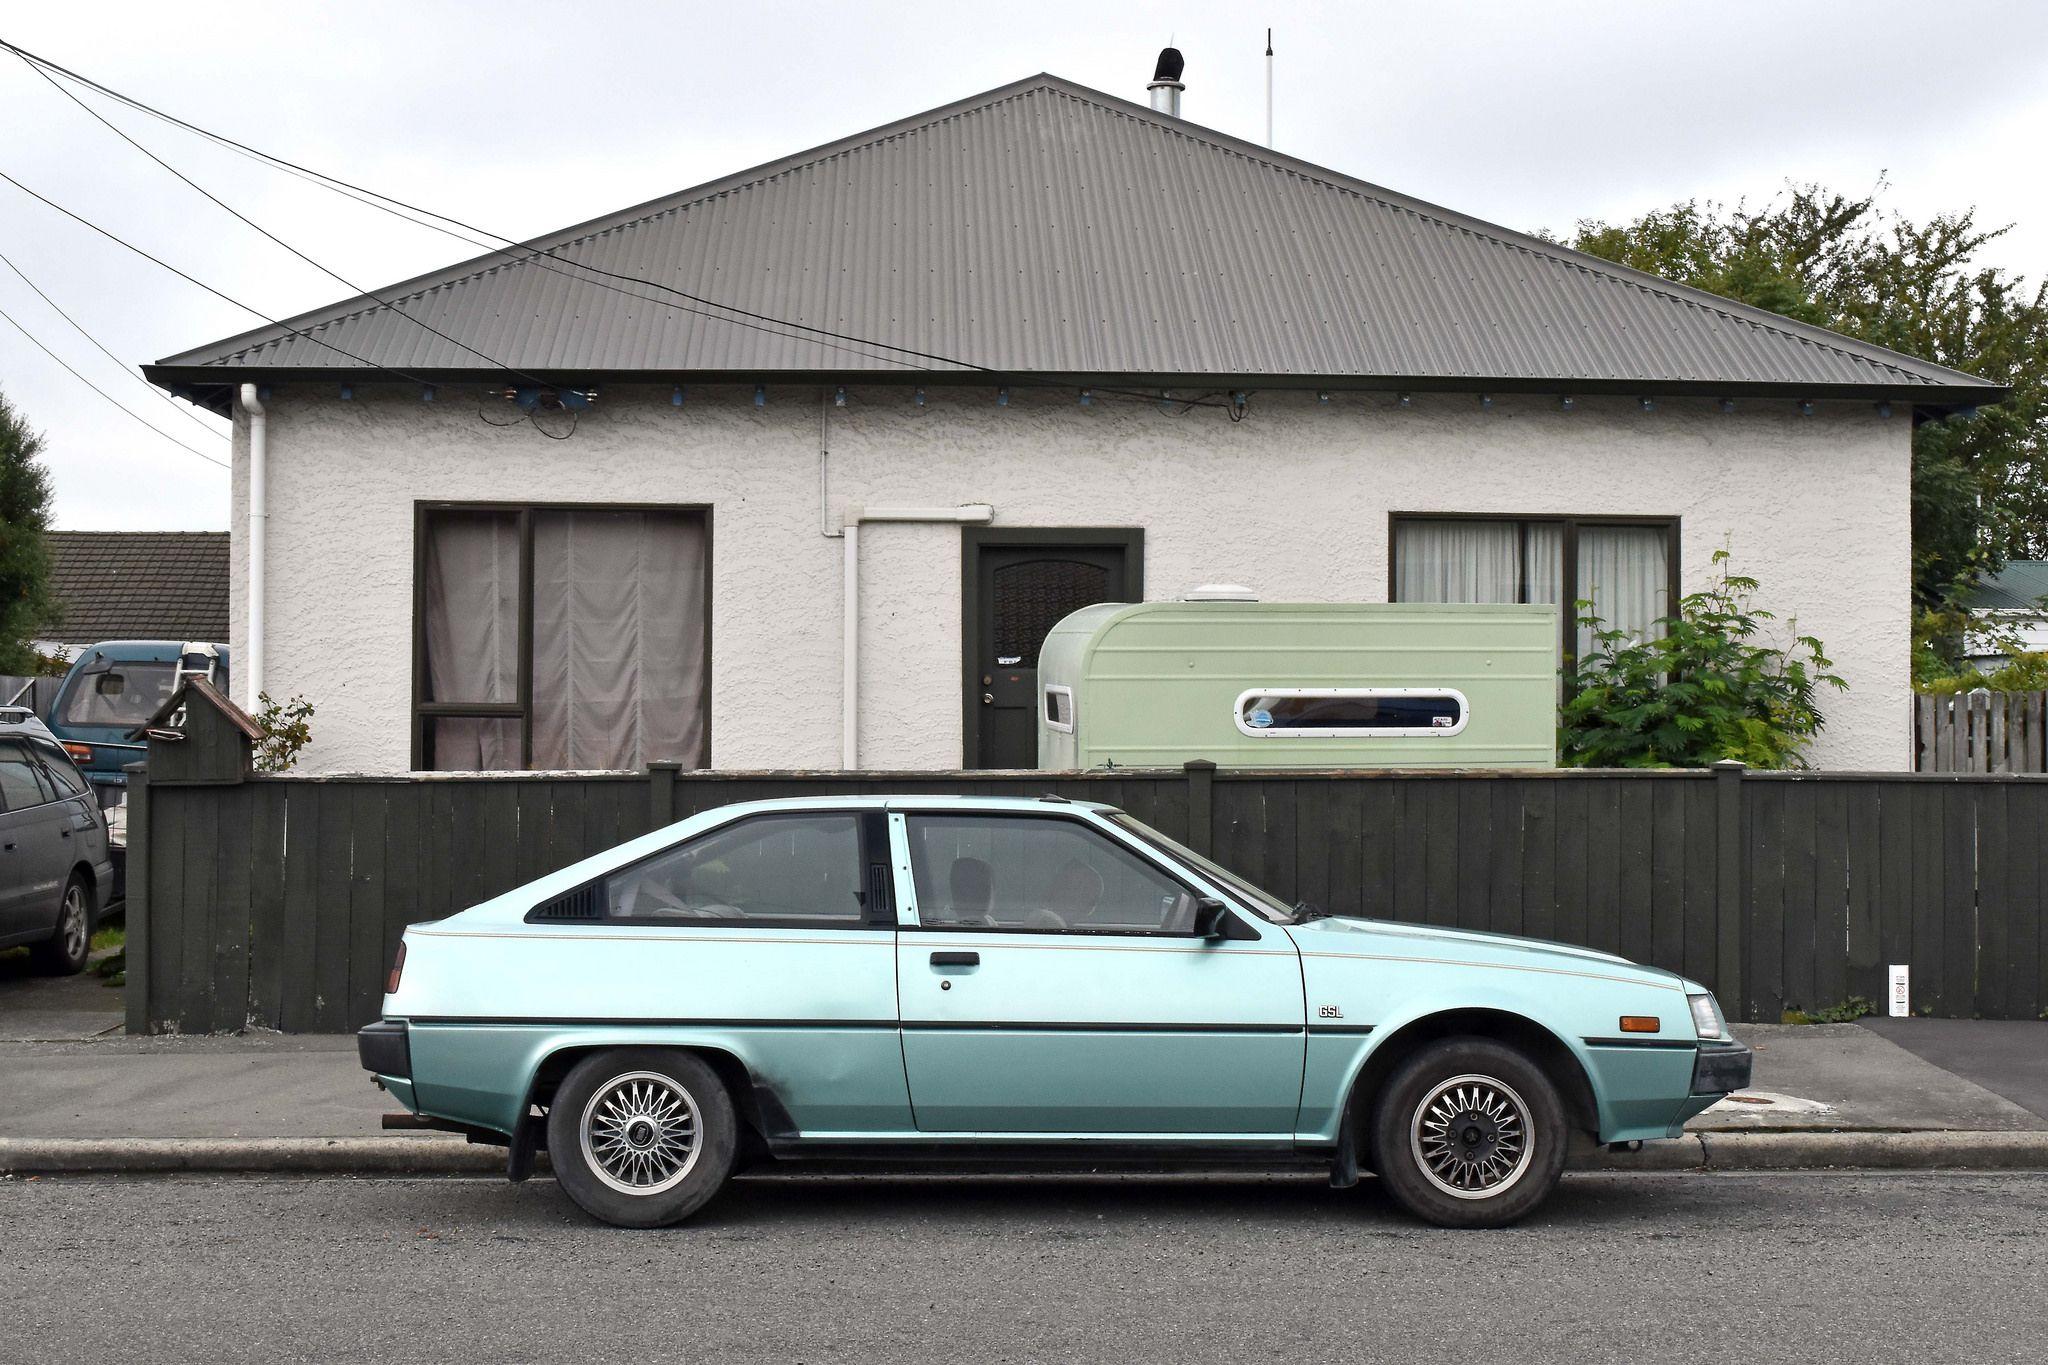 1985 Mitsubishi Cordia Cars, Vehicles, New zealand